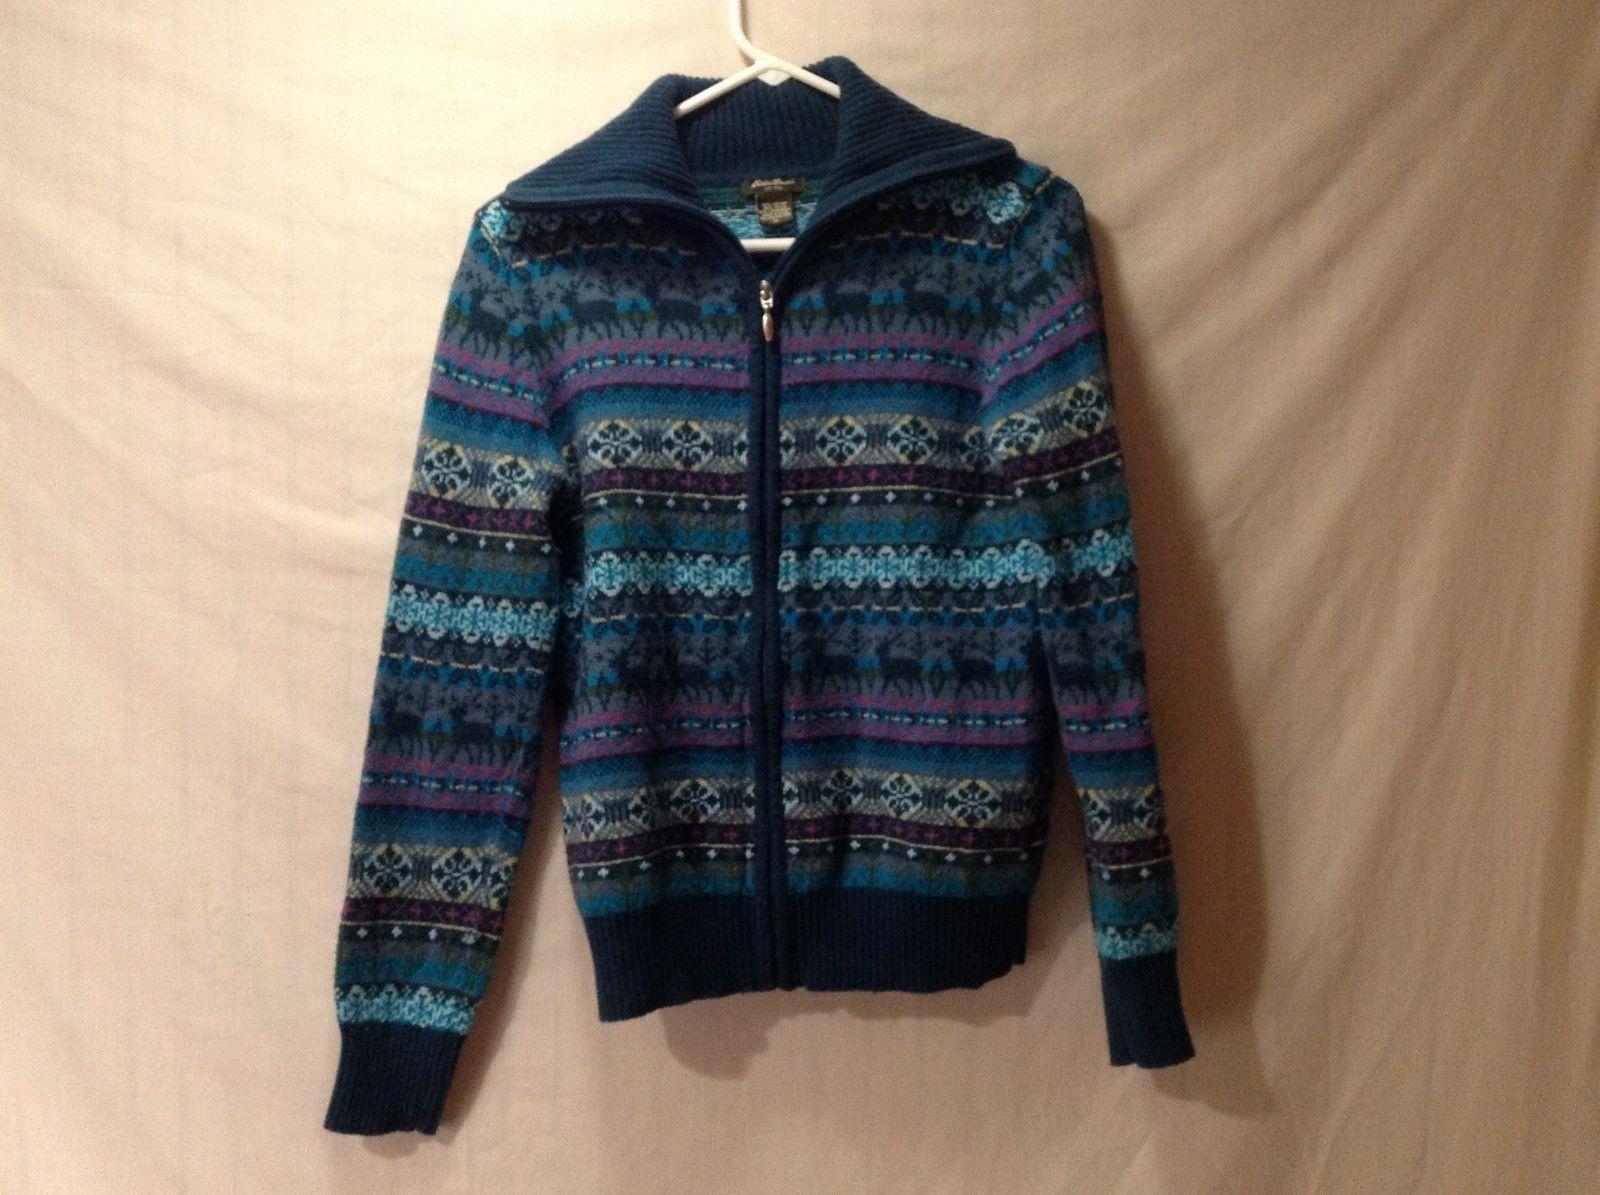 Women's Medium Eddie Bauer Teal Aqua Zip Up Sweater Cardigan